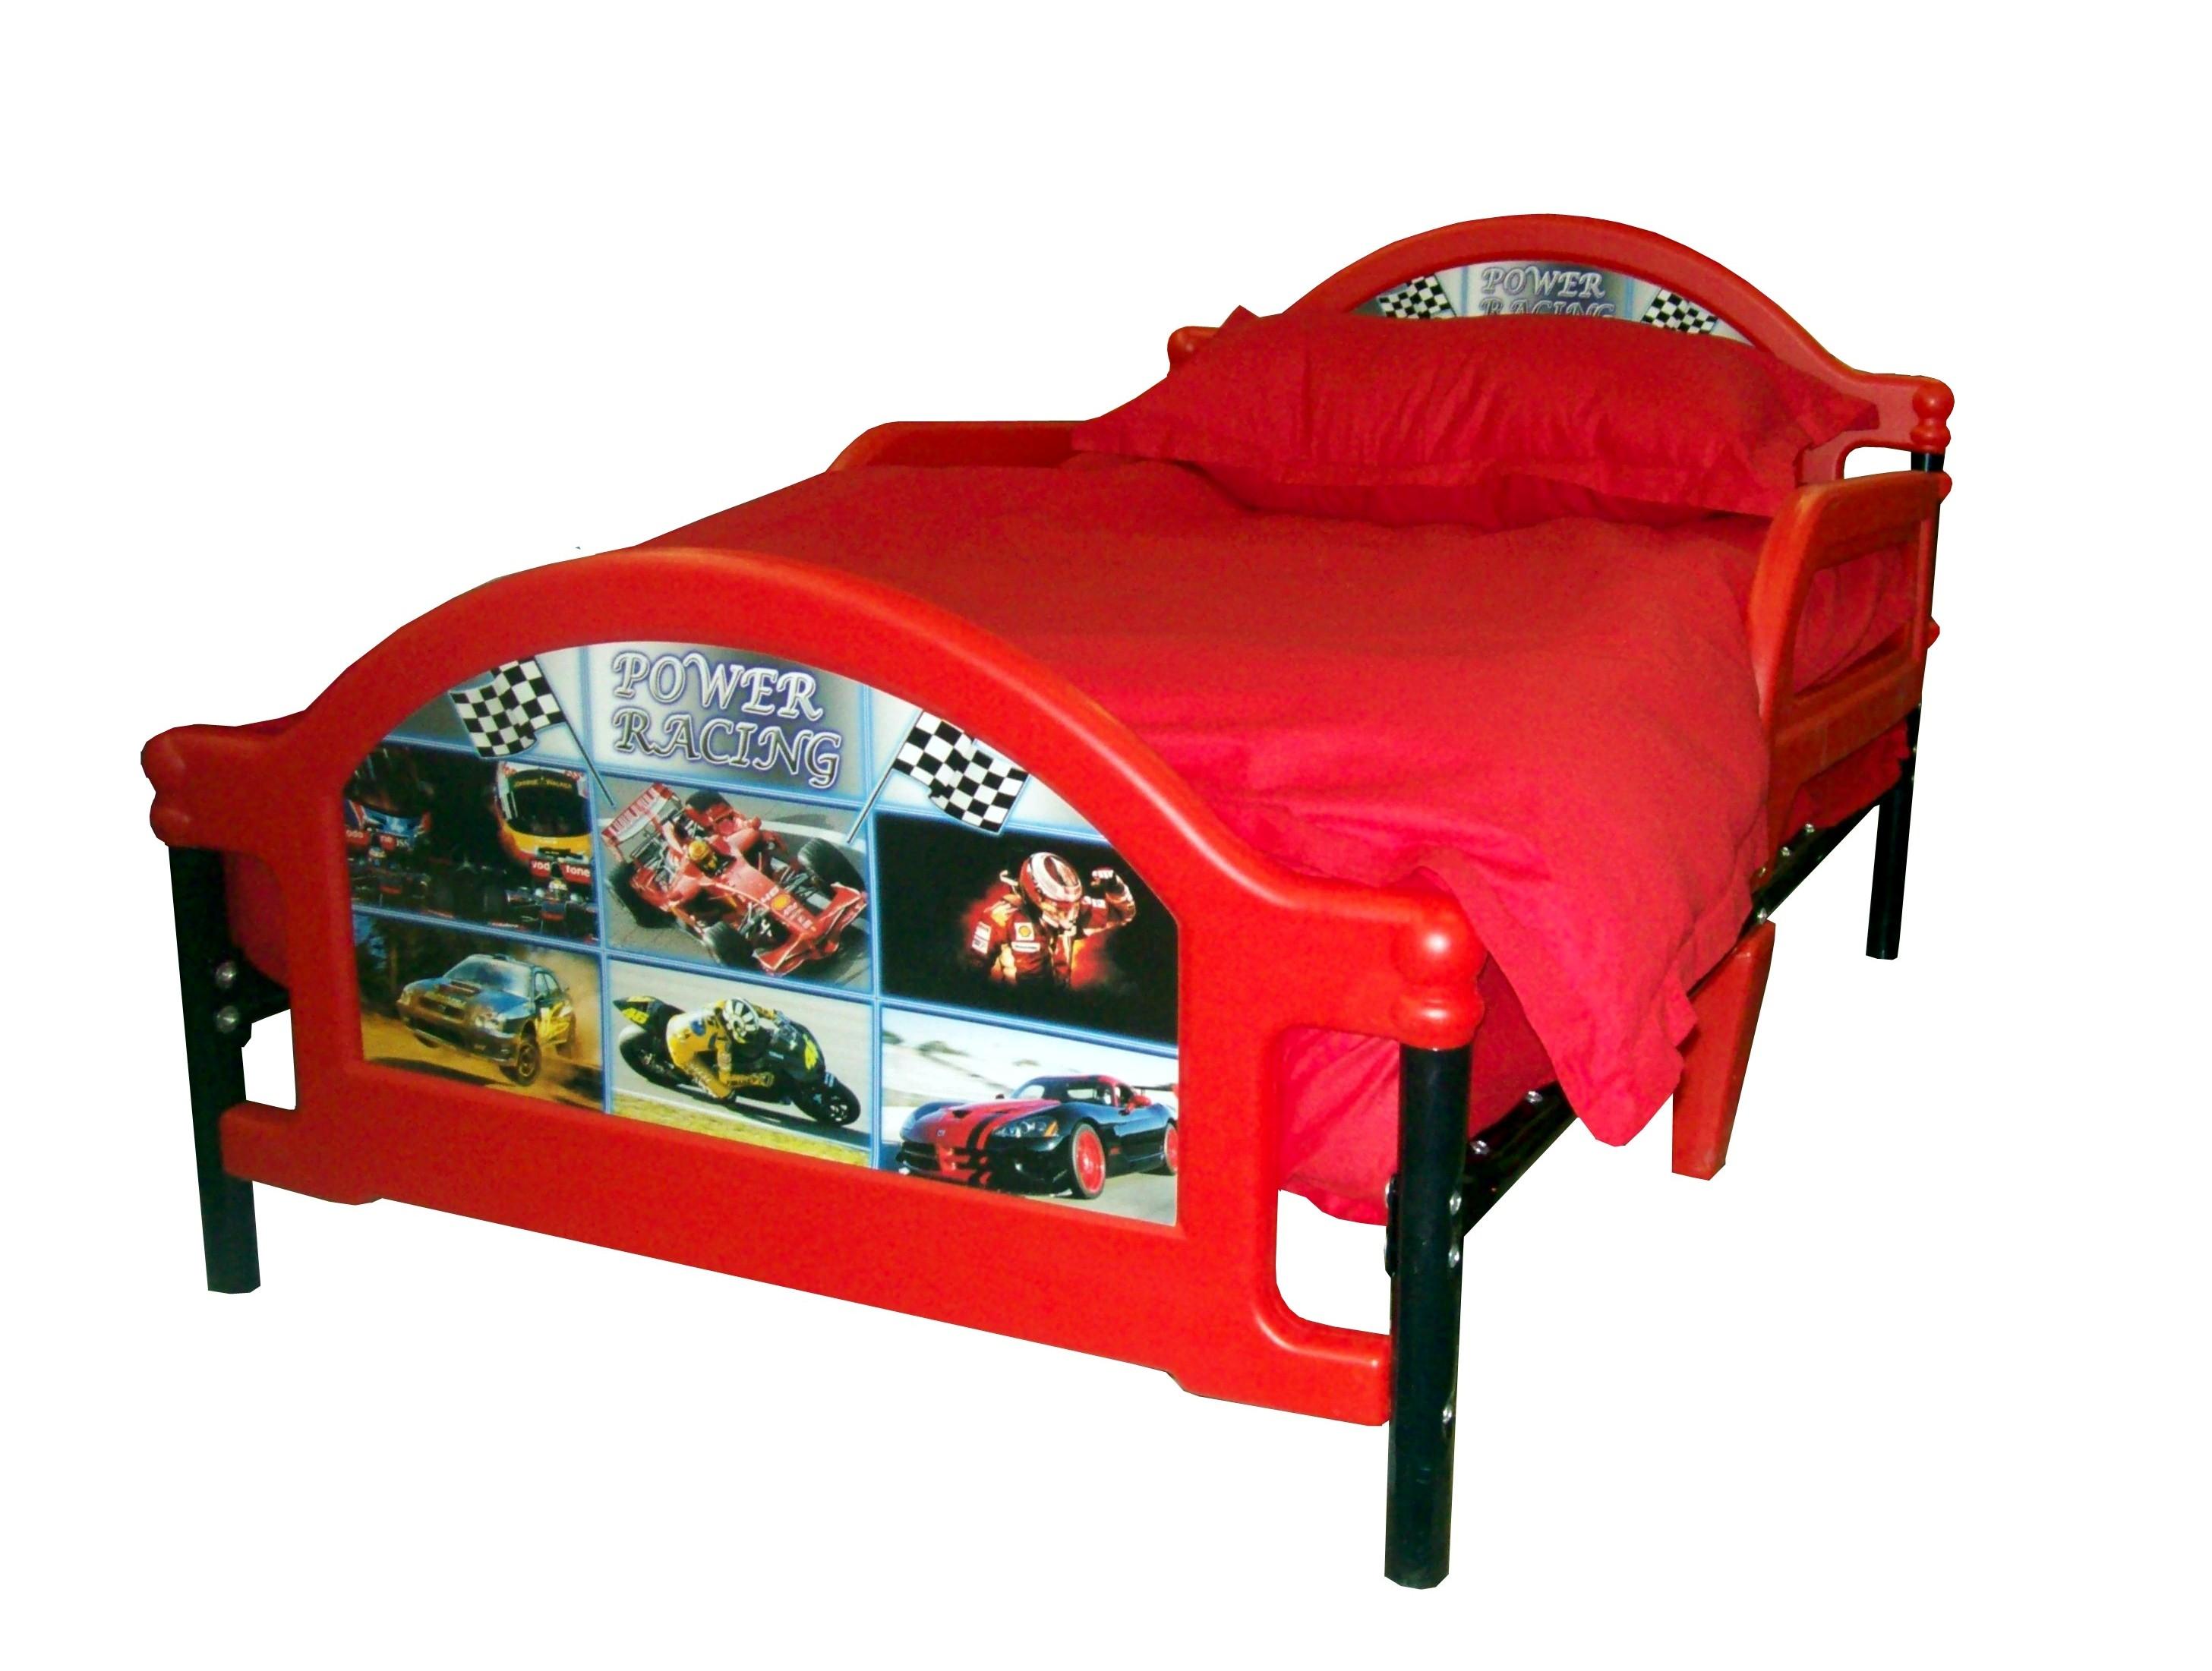 Детская кровать Джуниор  Power Racing - Тачки. Самая безопасная кровать для дошкольников и младших школьников в возрасте от 1,5 до 7-8 лет. Детская Кровать с защитными боковыми бортами, чтоб ребенок не упал во сне